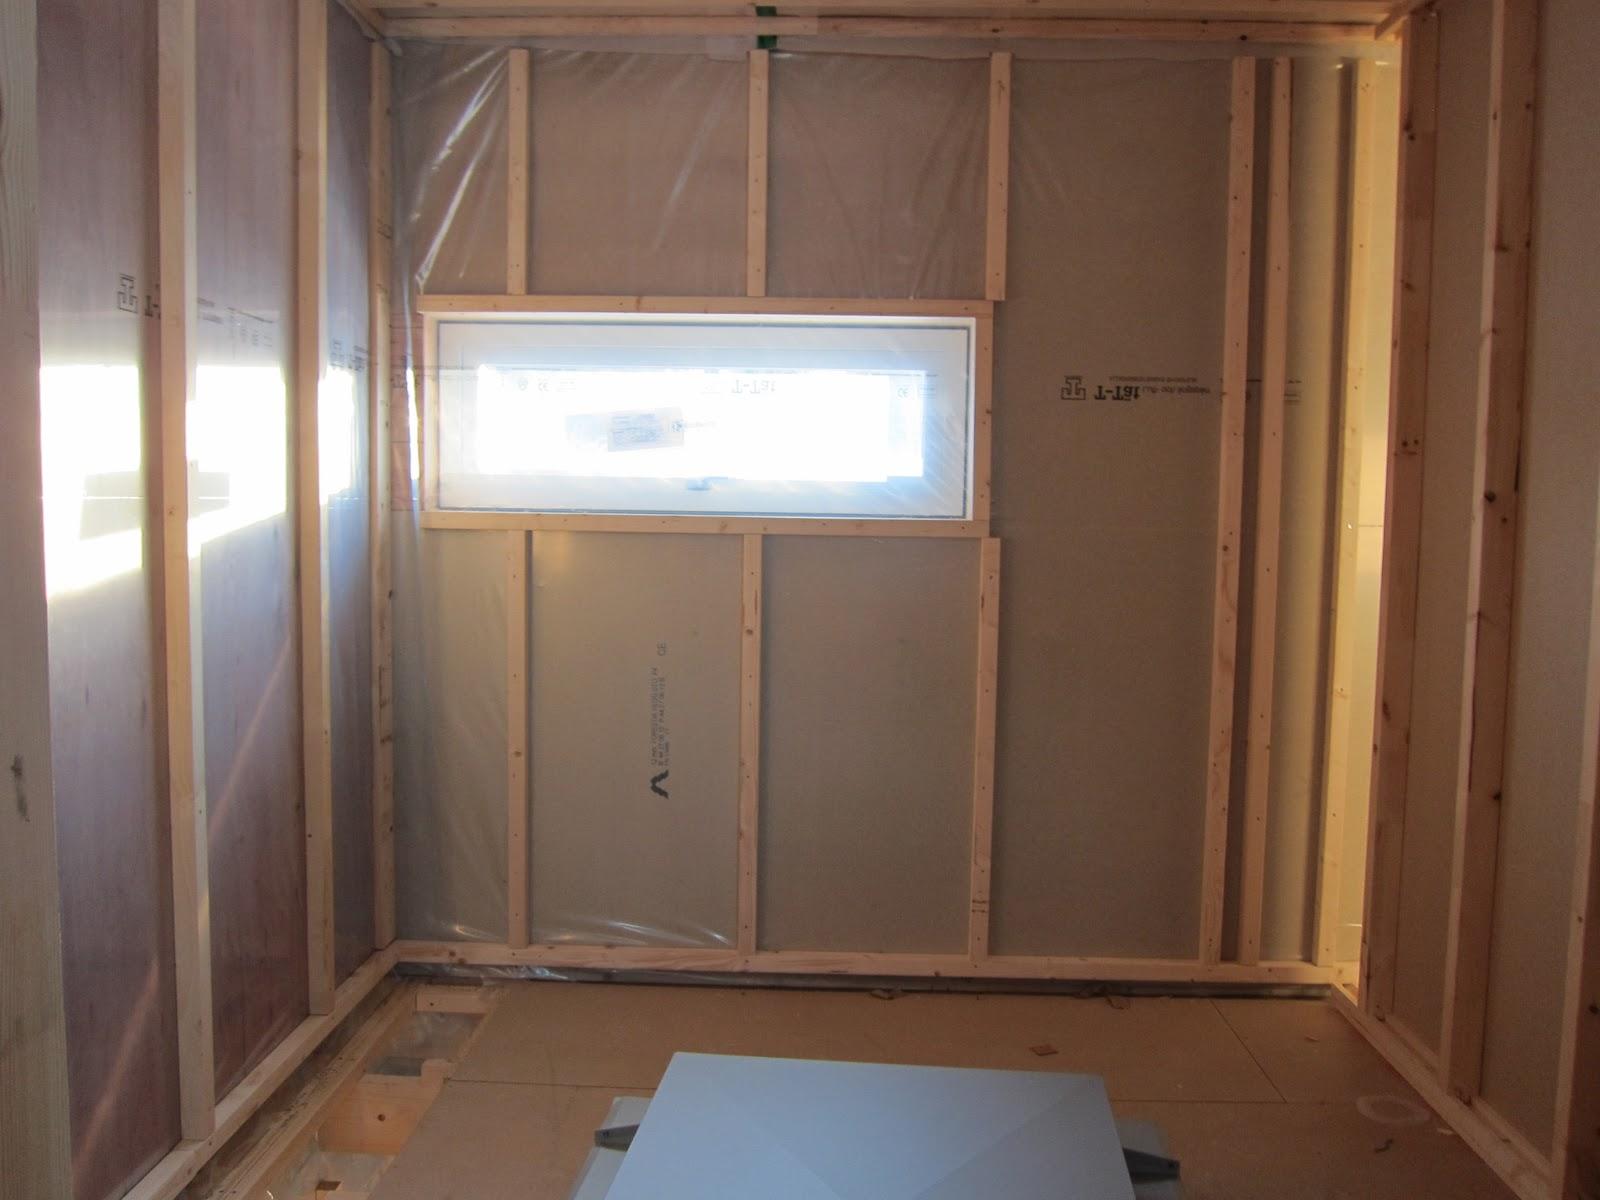 Projekt villa els: innerväggar övervåning på plats